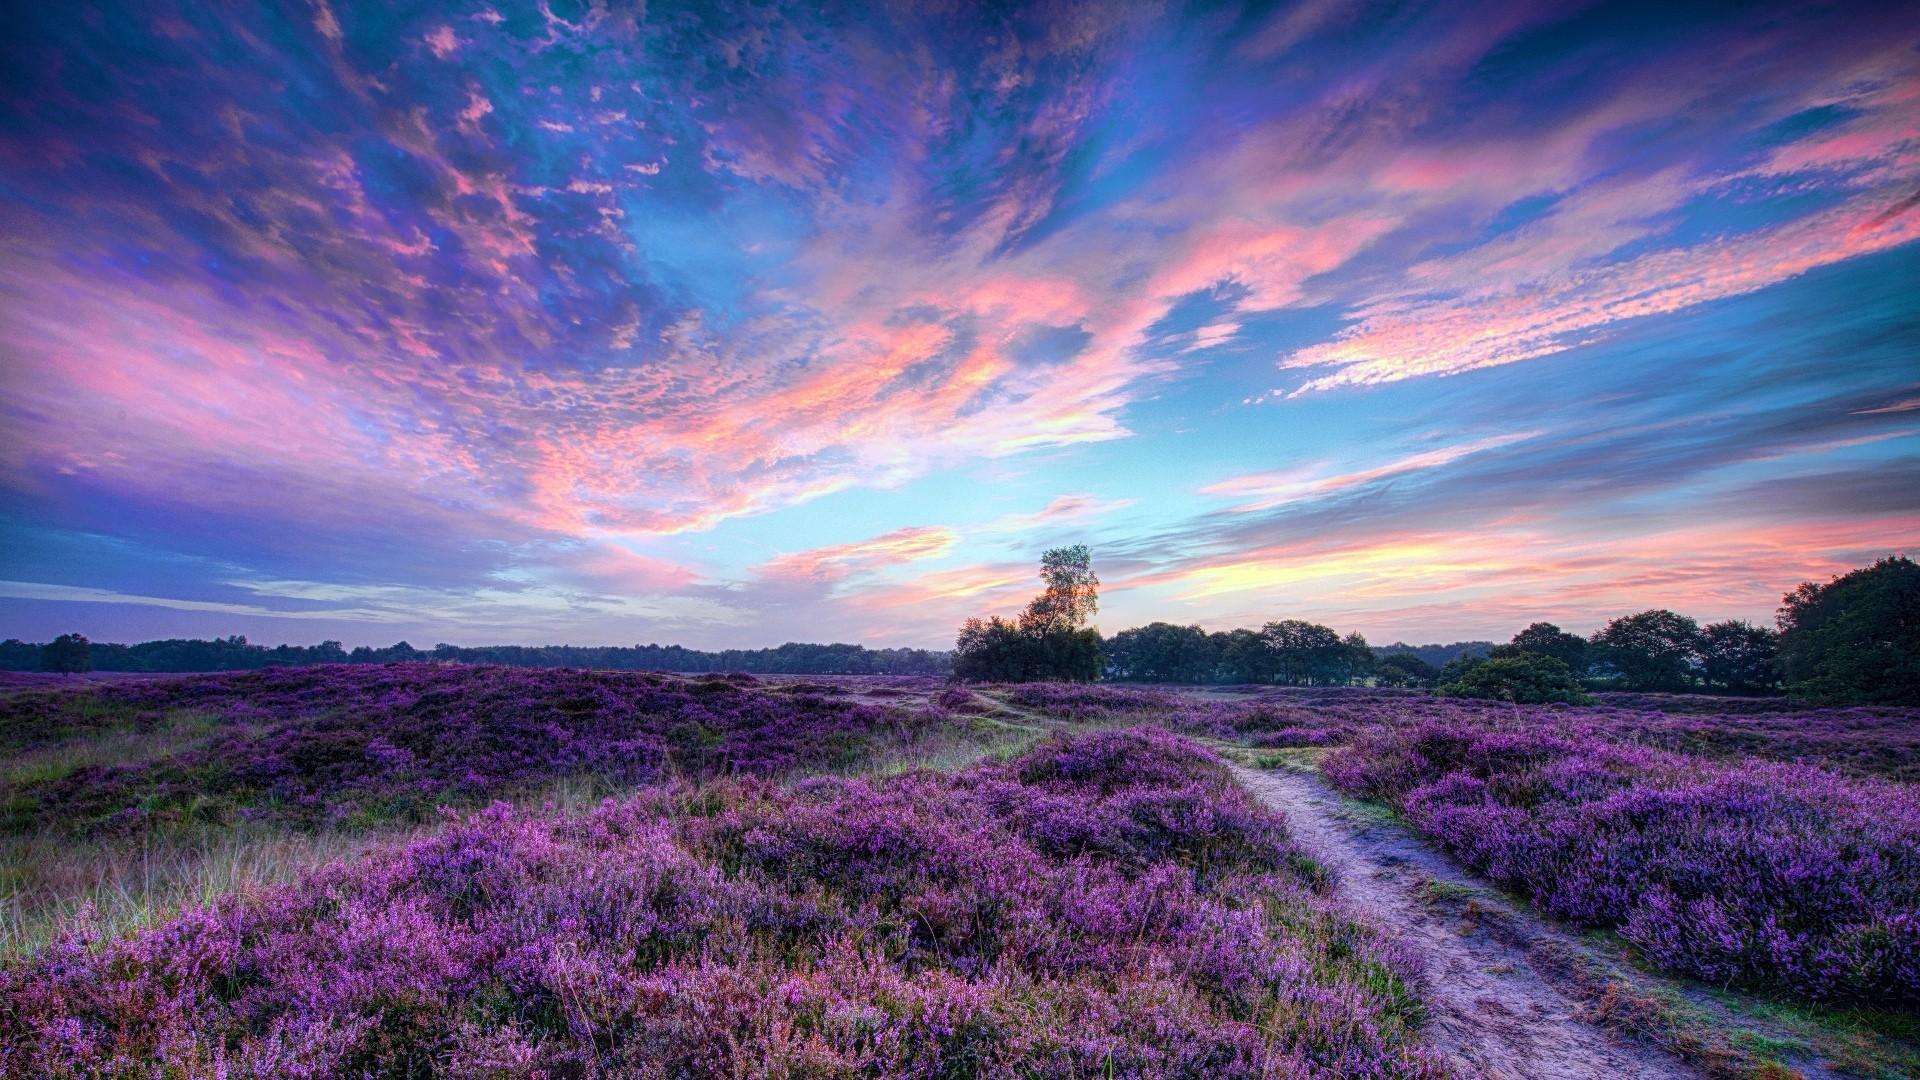 Lavender Wallpaper theme